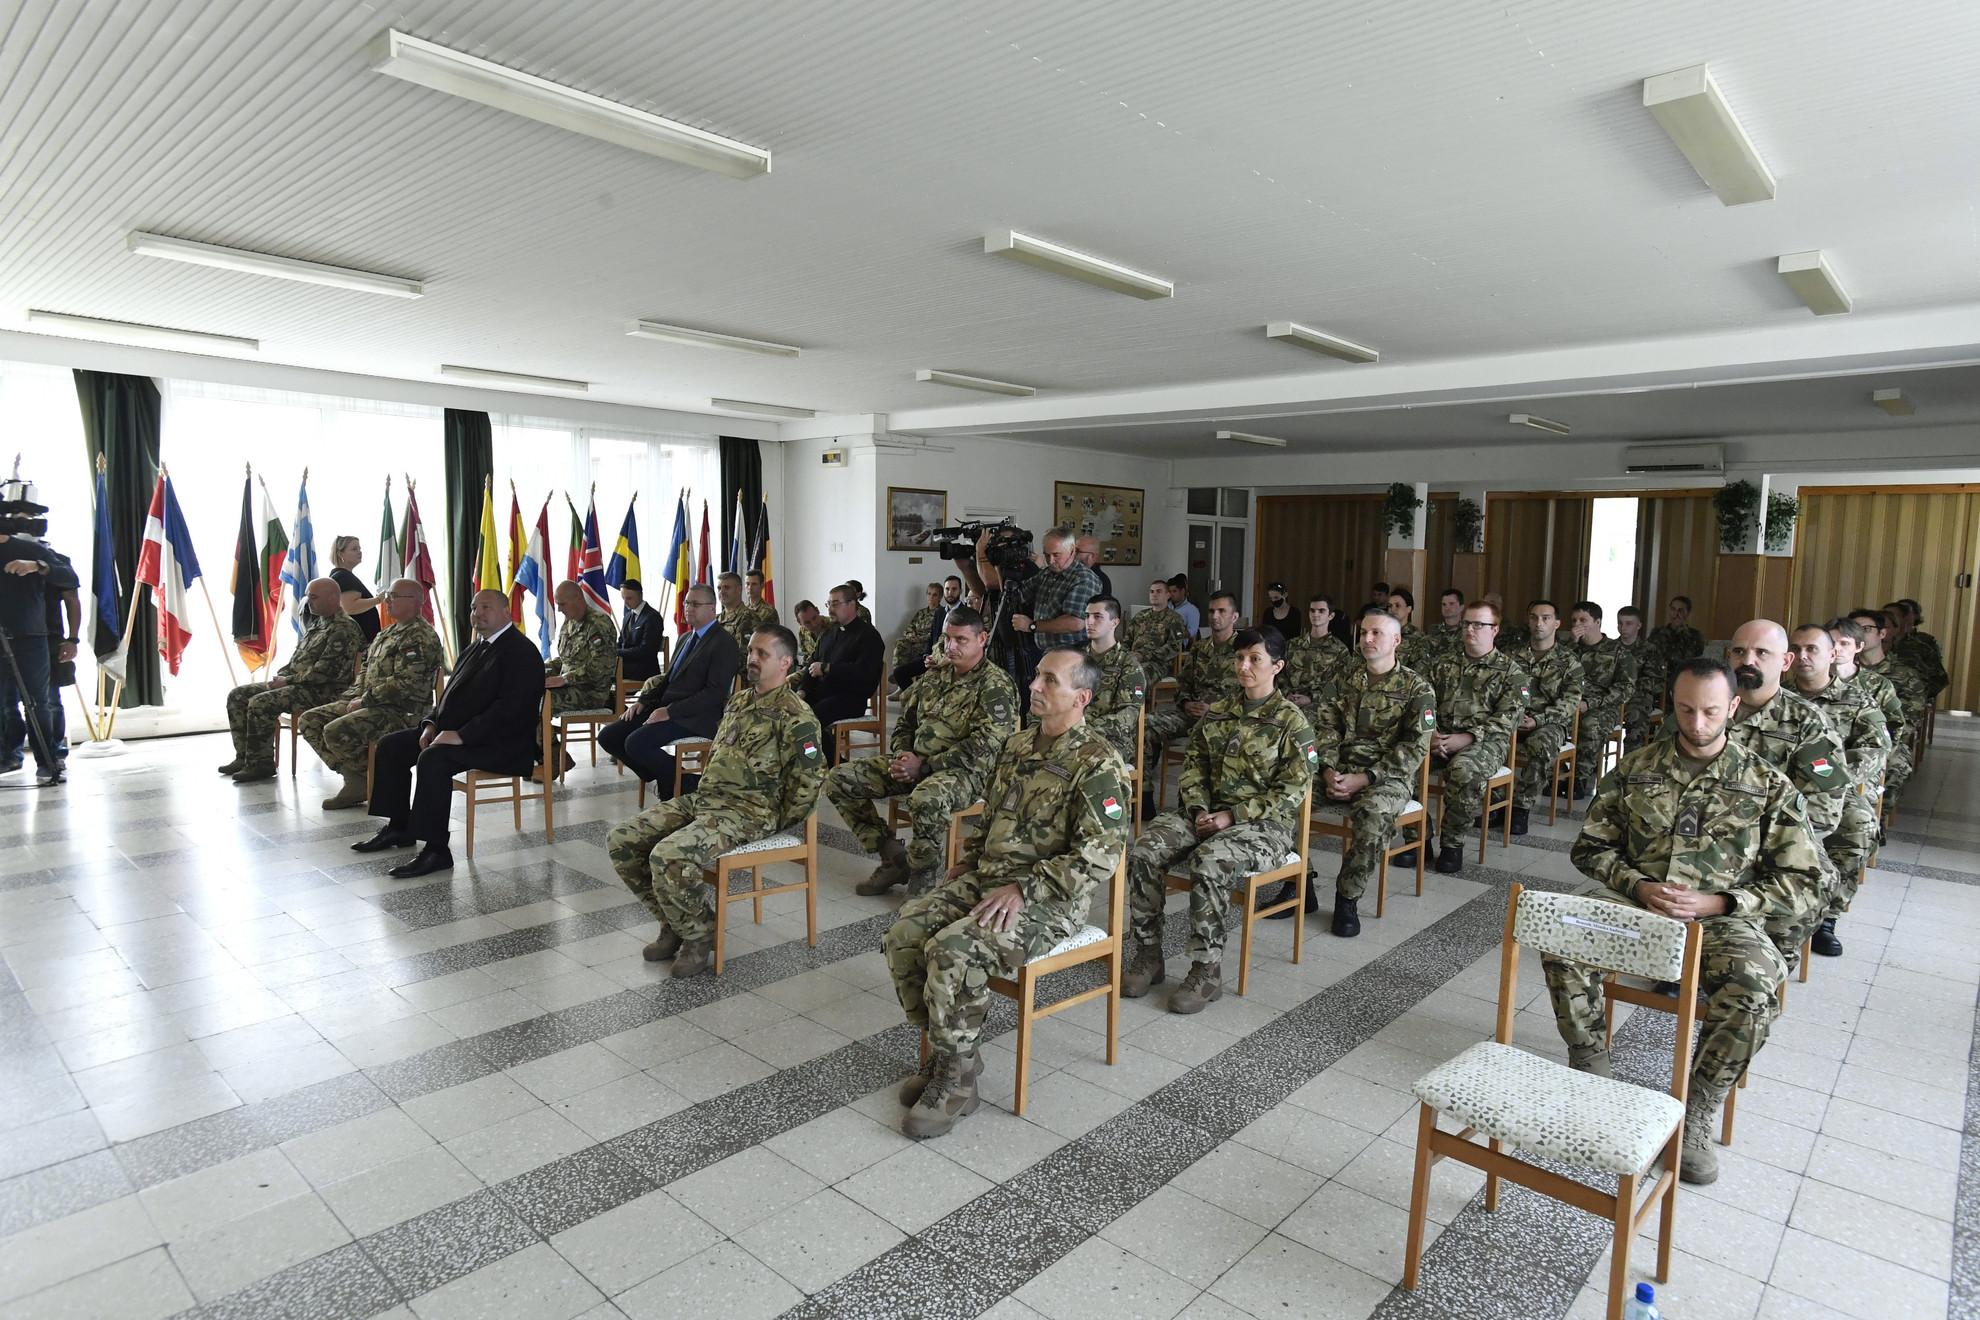 A Magyar Honvédség Anyagellátó Raktárbázison tartott ünnepi állománygyűlés résztvevői